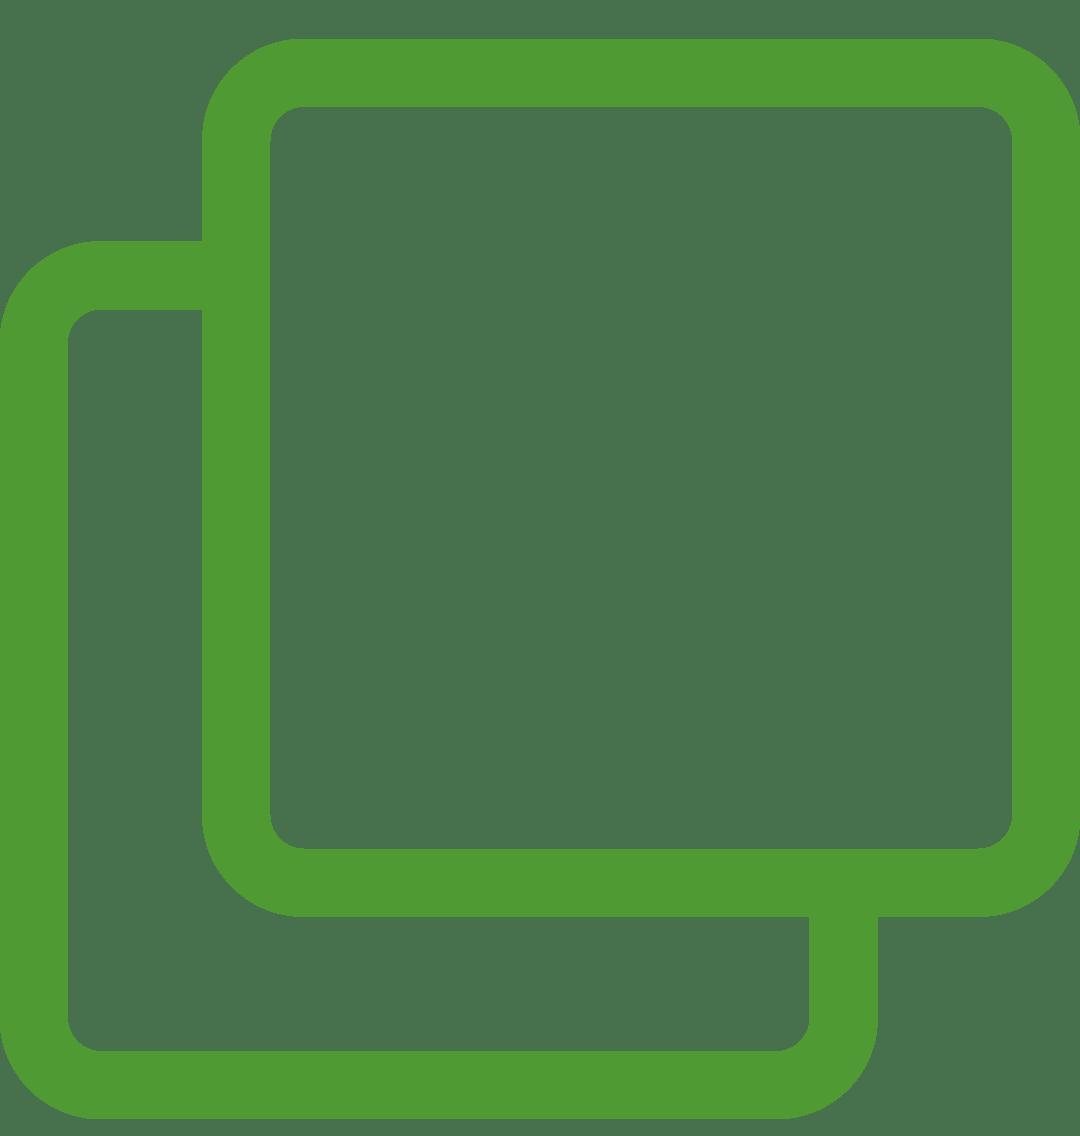 Datenqualitaet_Benefit-2